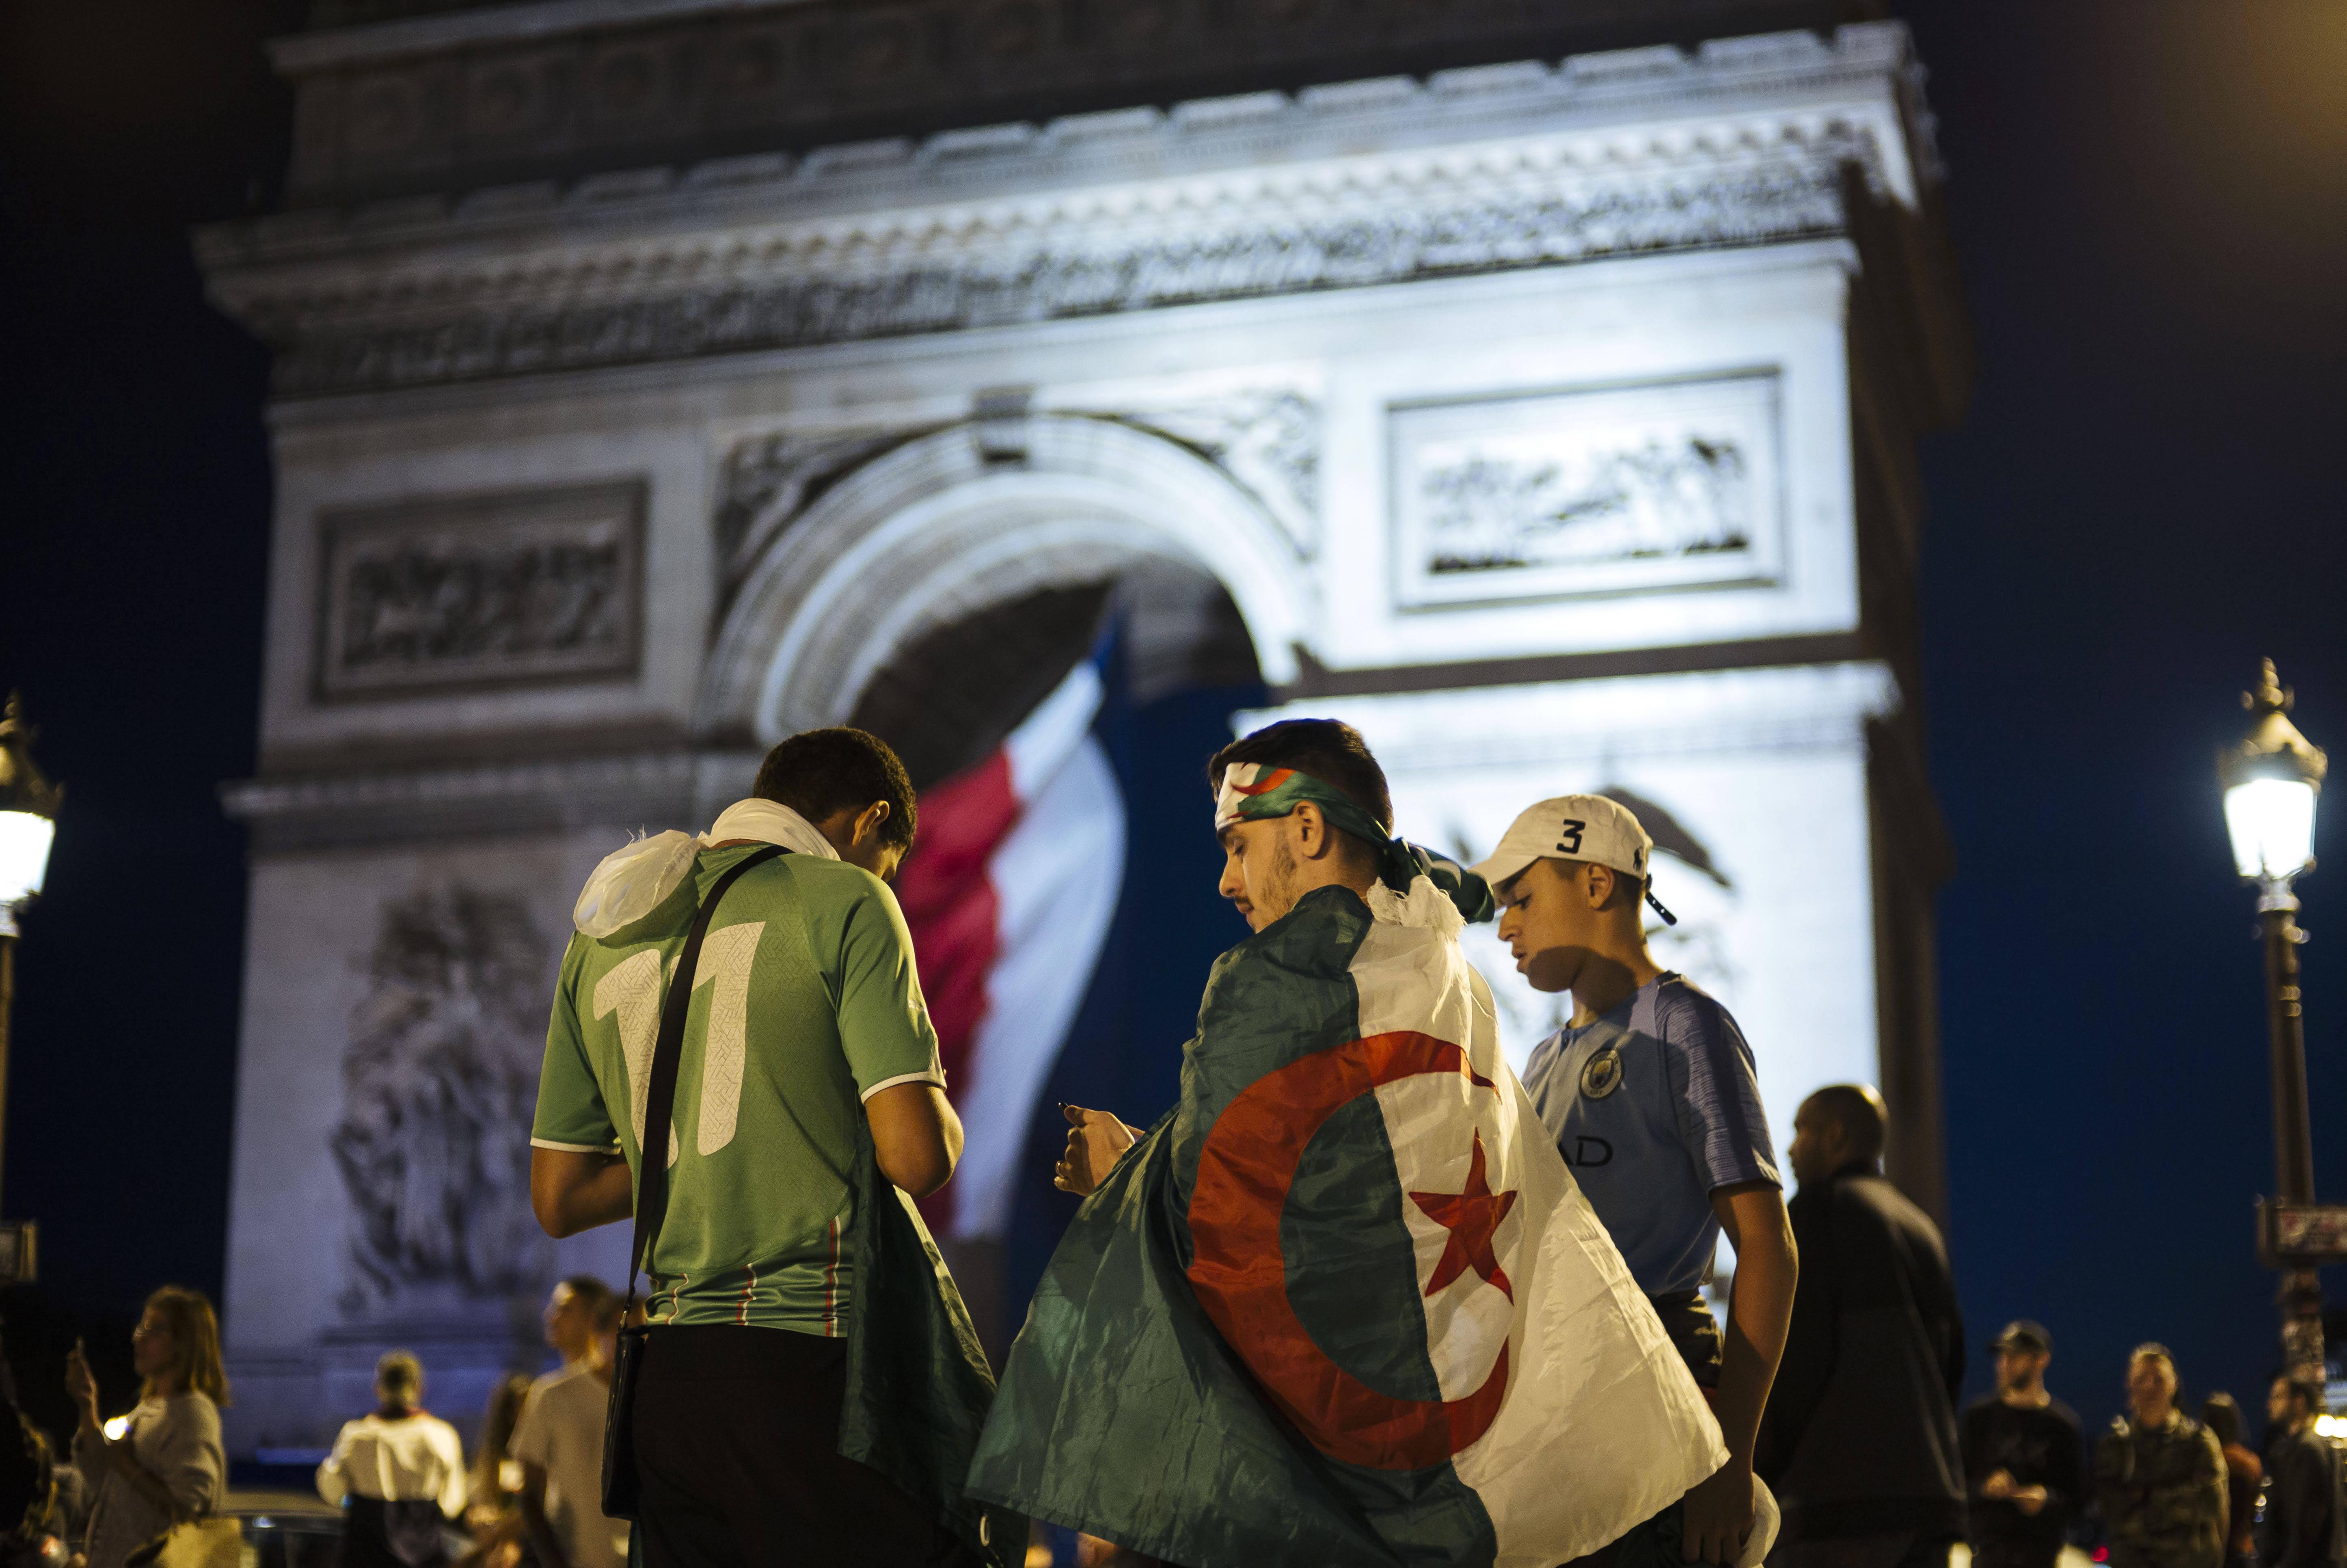 Des supporteurs de football arborant le drapeau algérien devant l'Arc de Triomphe, à Paris, dimanche 14 juillet après la victoire des Fennecs en demi-finale de la CAN.